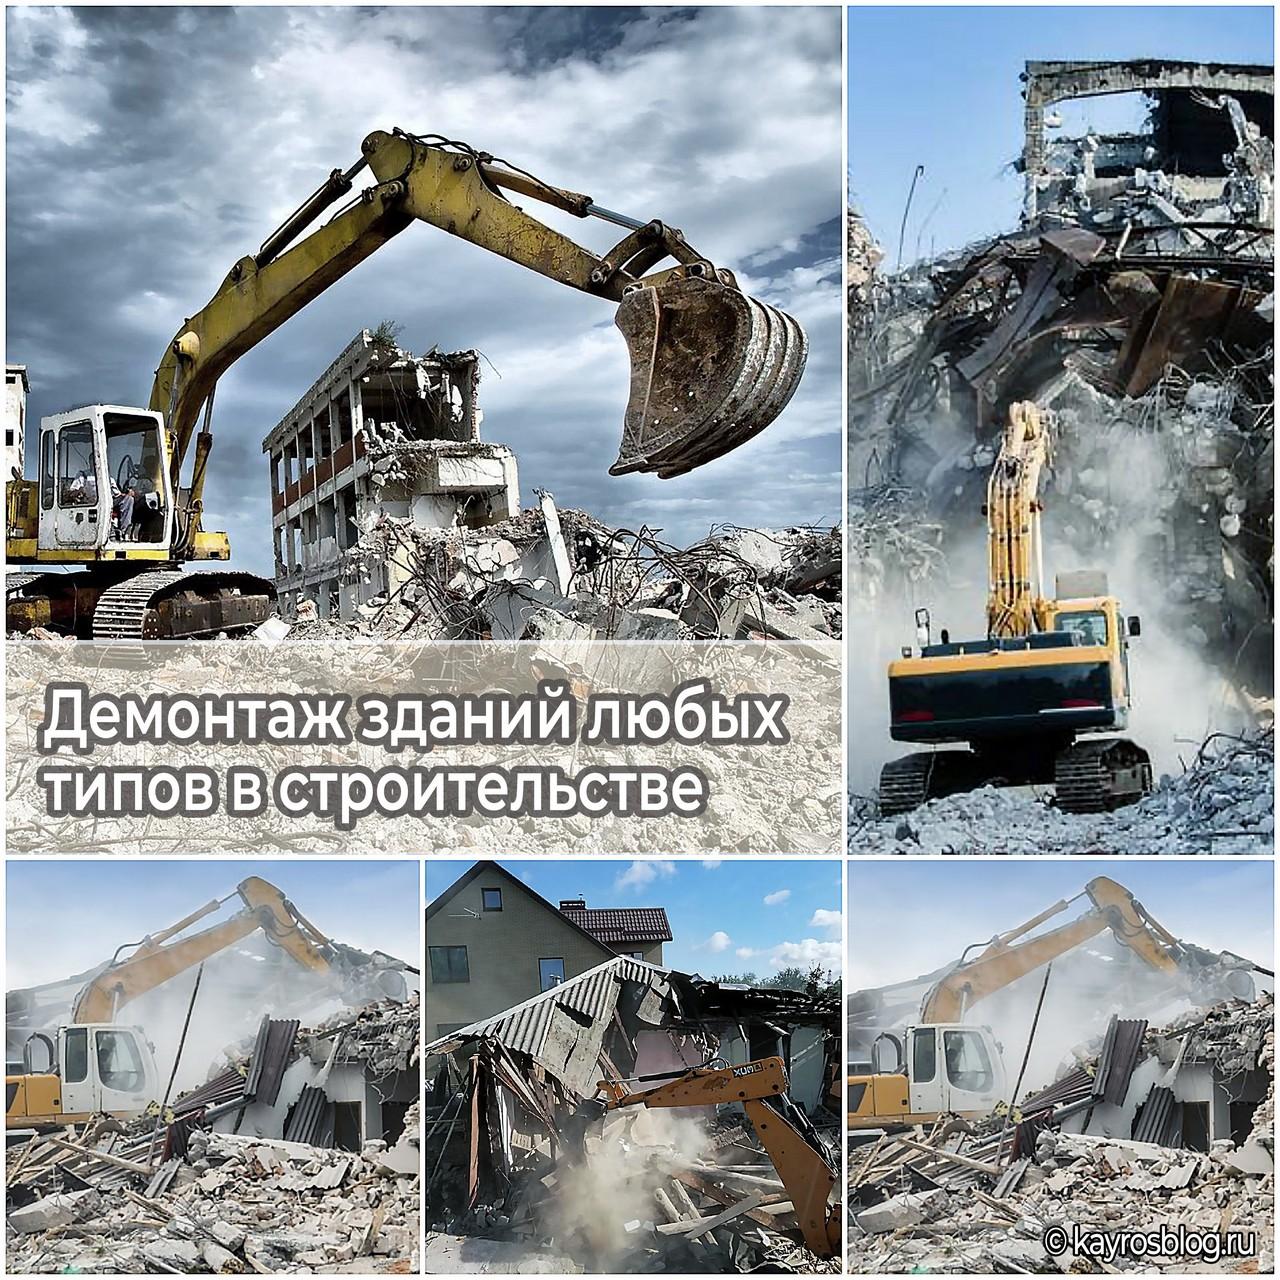 Демонтаж зданий любых типов в строительстве